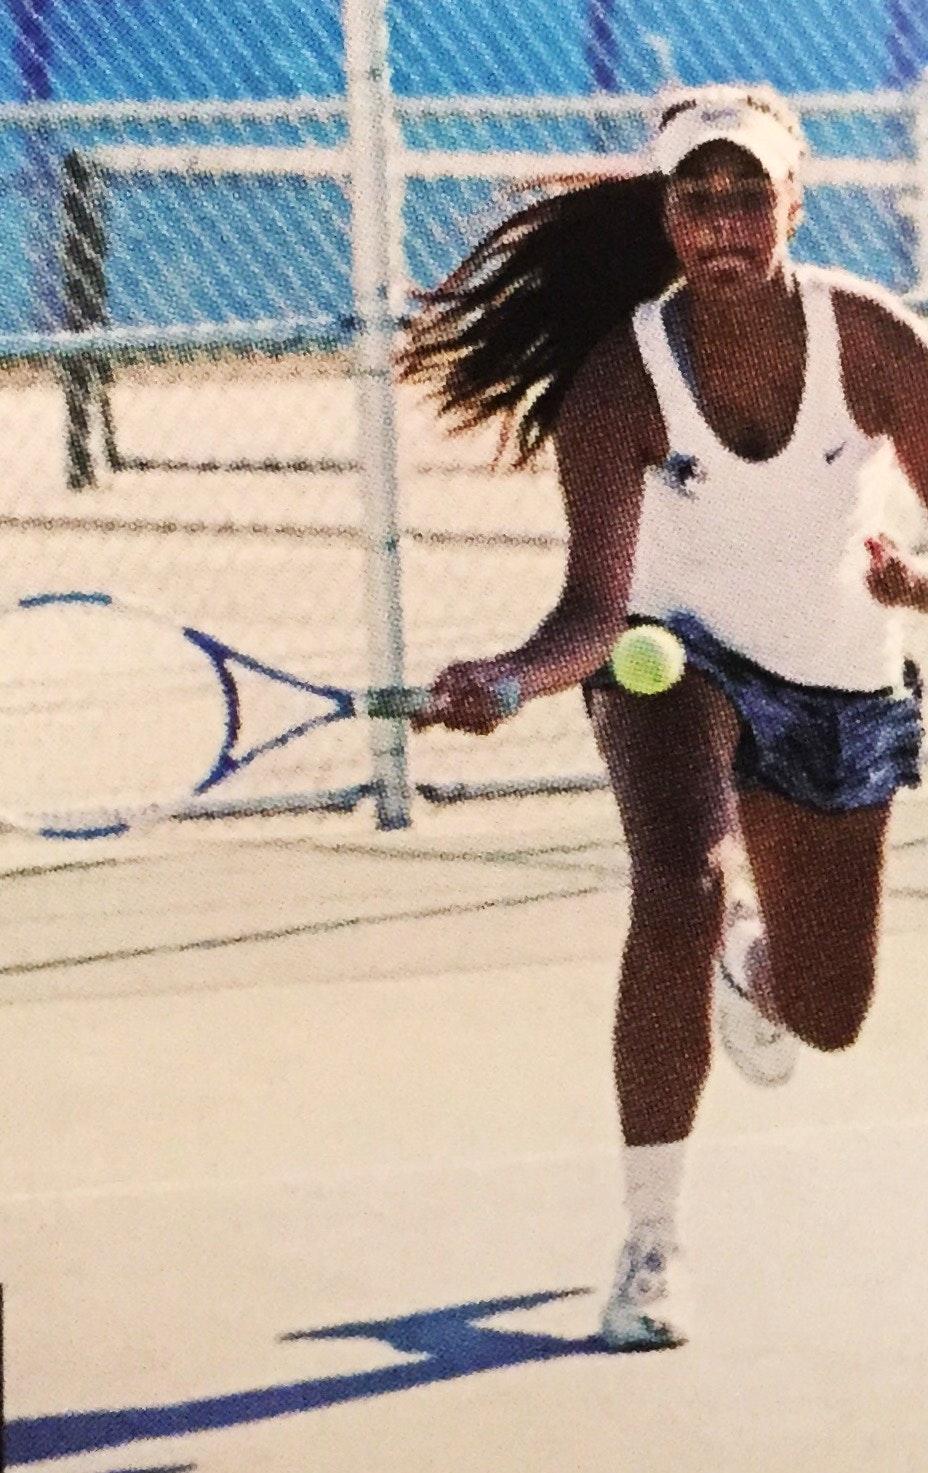 Lilian R. teaches tennis lessons in Fresno, CA